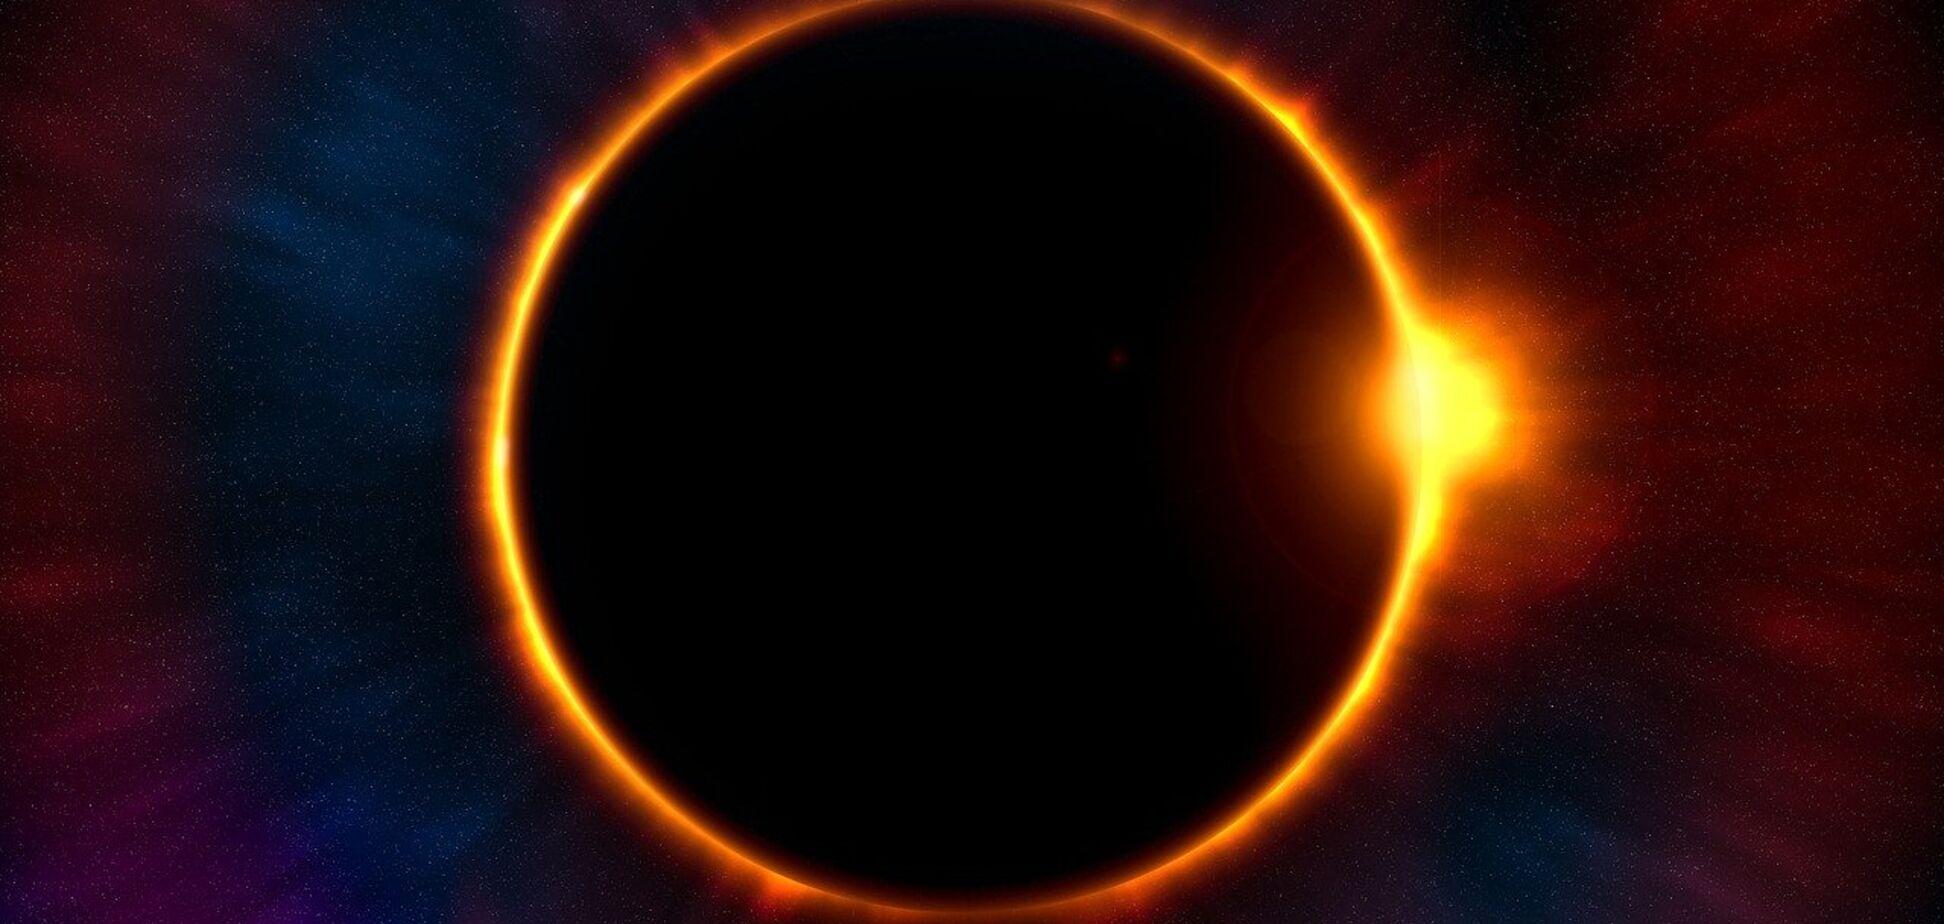 Сонячне затемнення 21 червня: чим і для кого небезпечне 'кільце вогню'